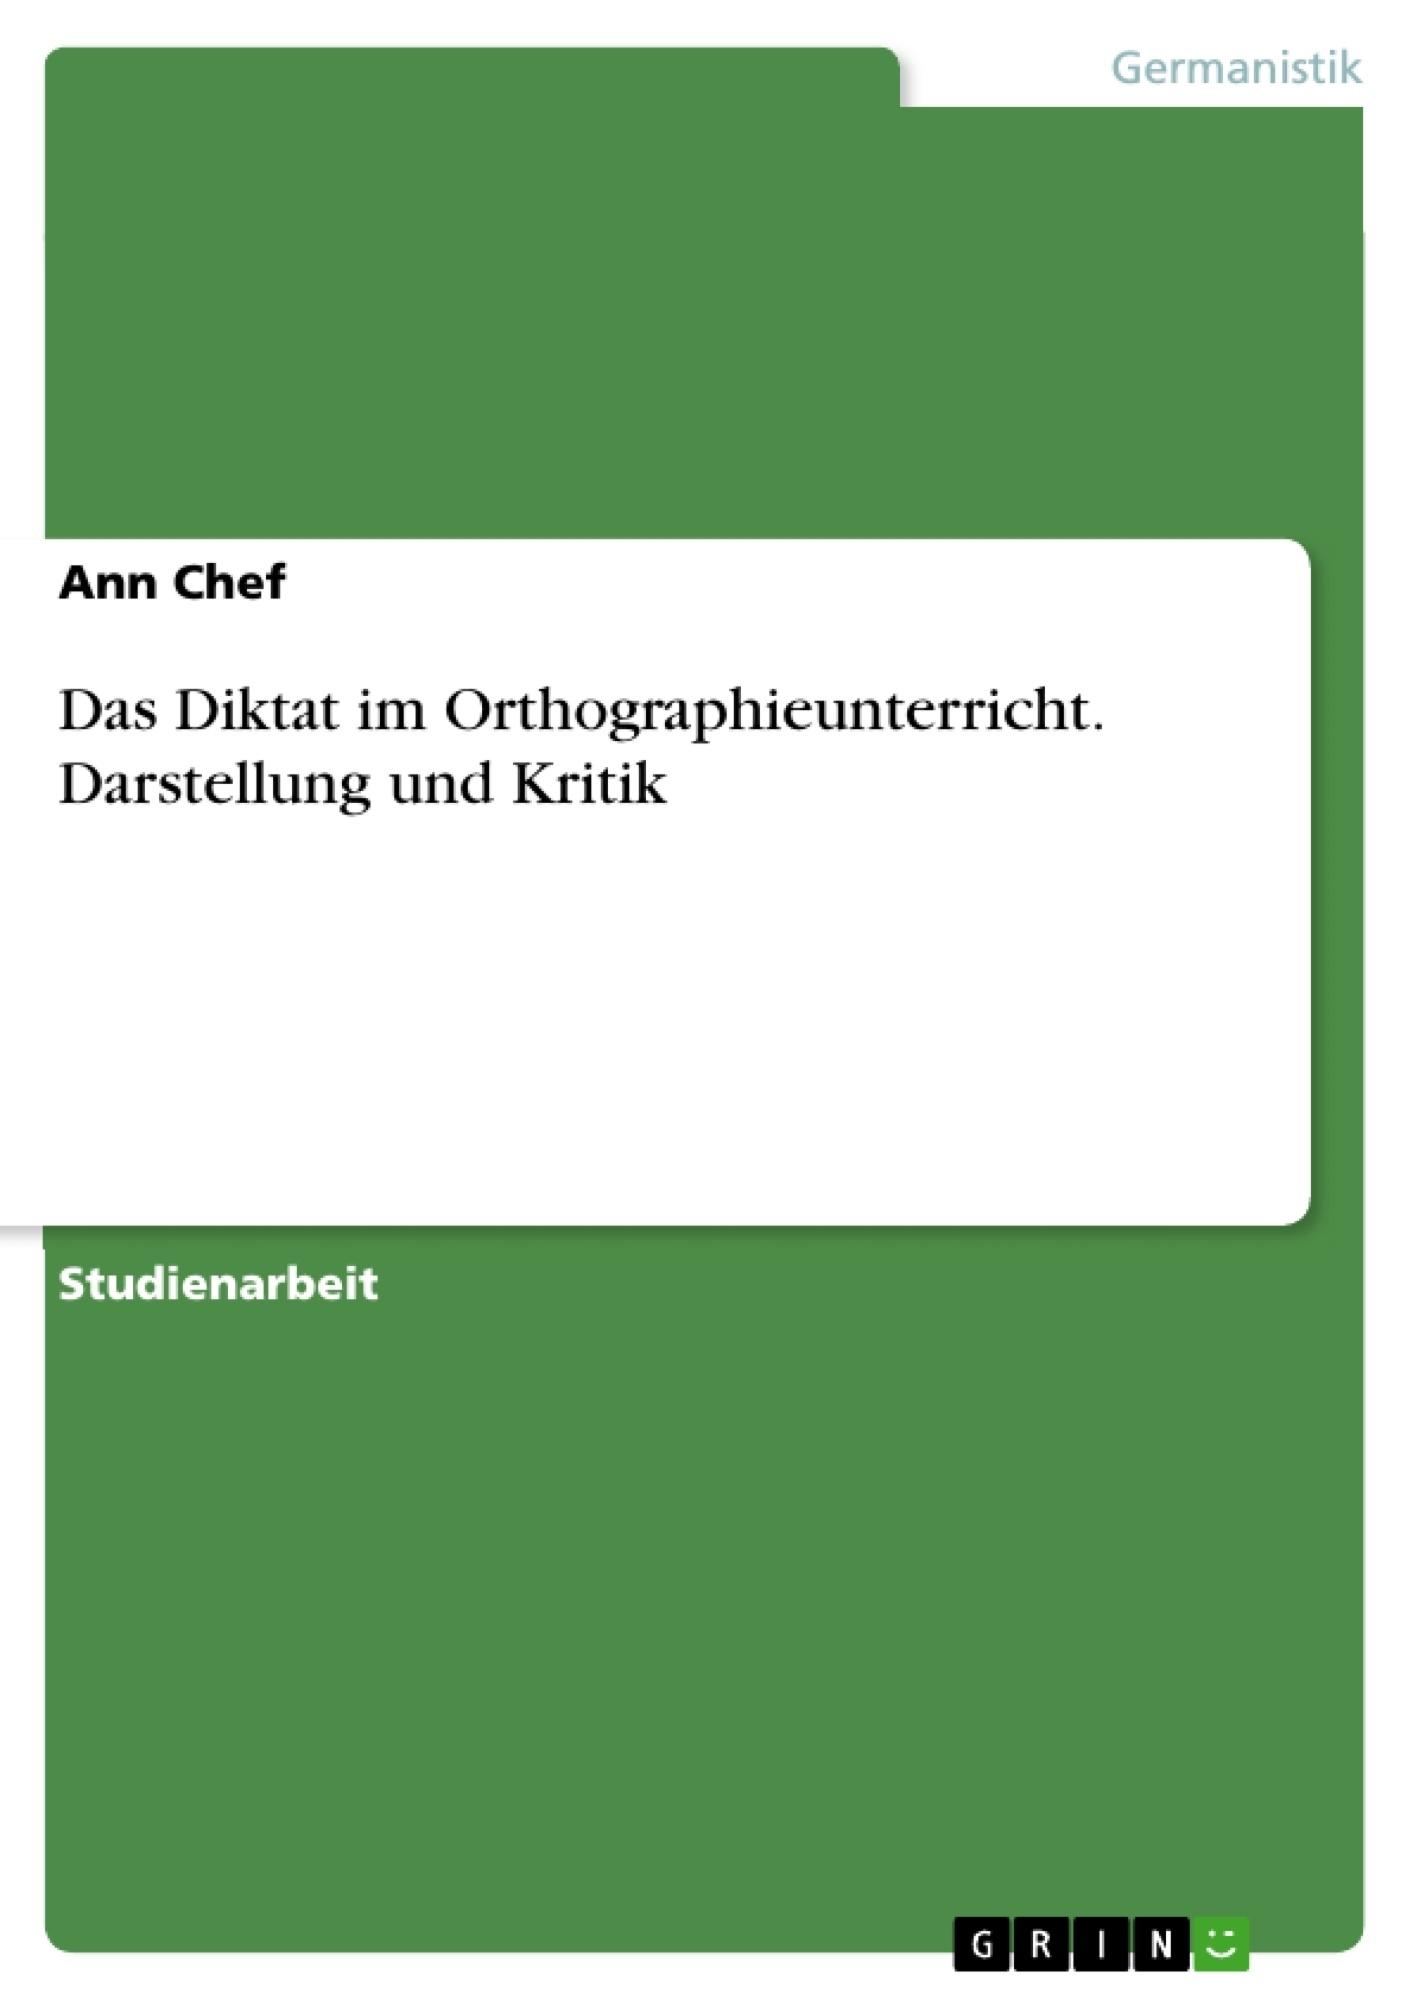 Titel: Das Diktat im Orthographieunterricht. Darstellung und Kritik